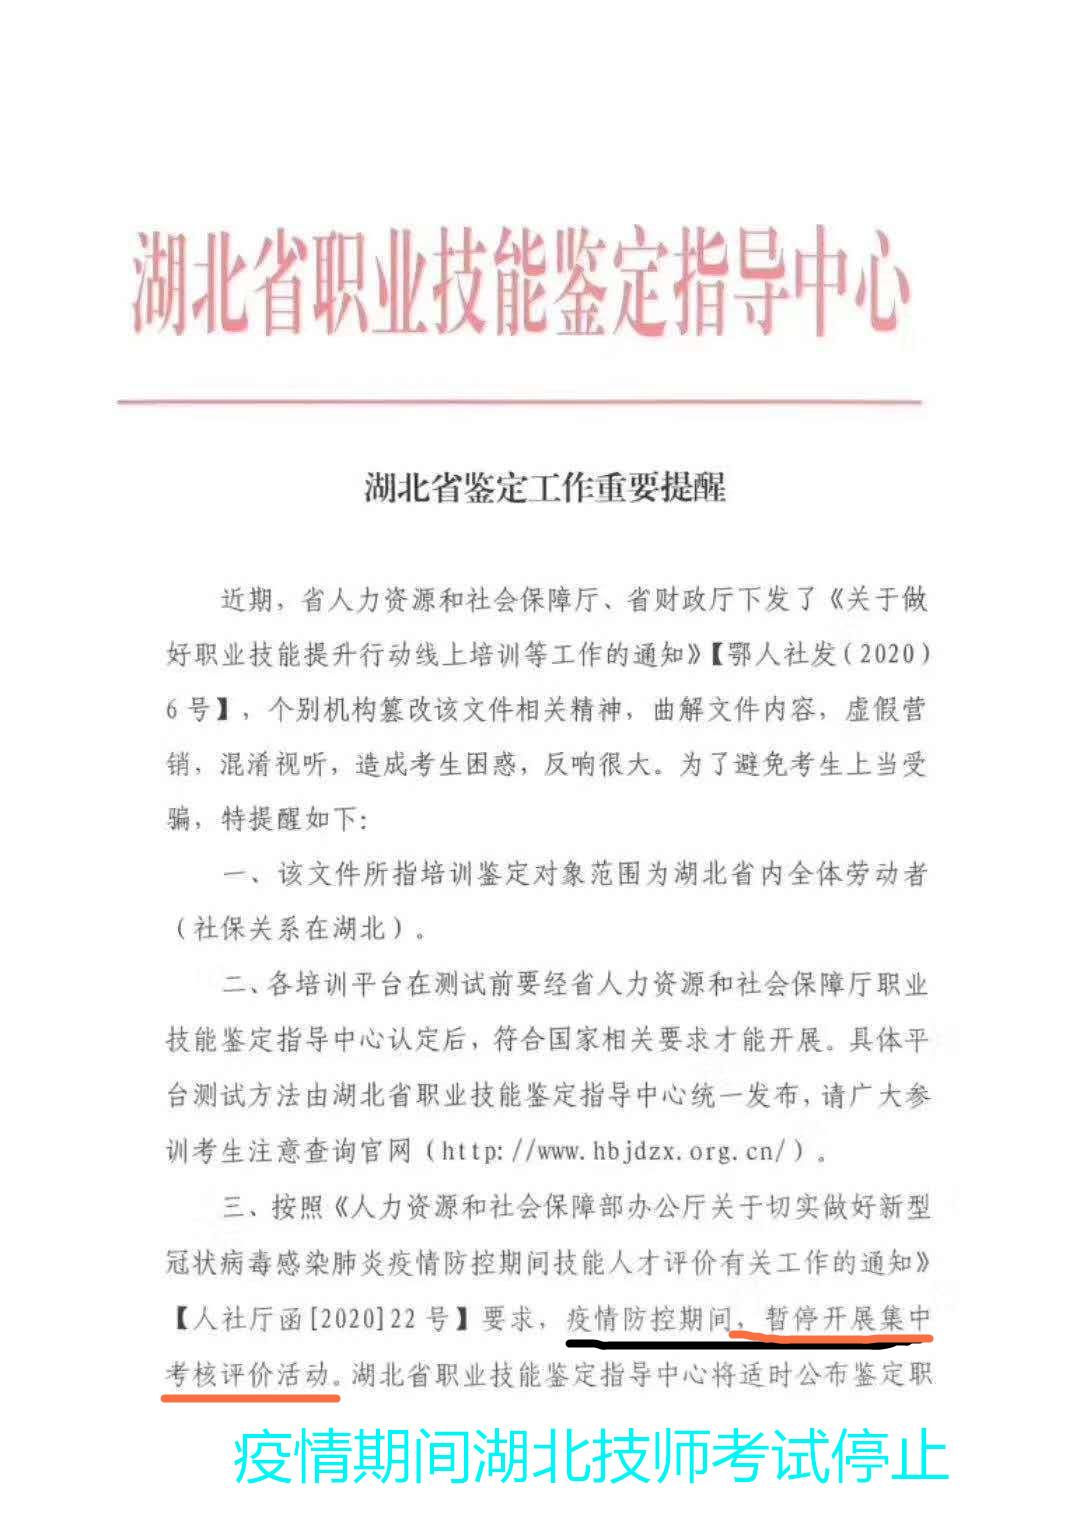 重磅消息:关于湖北省2020年技师是否组织线上考试,湖北省职业技能鉴定中心给的官方回答,请看下文